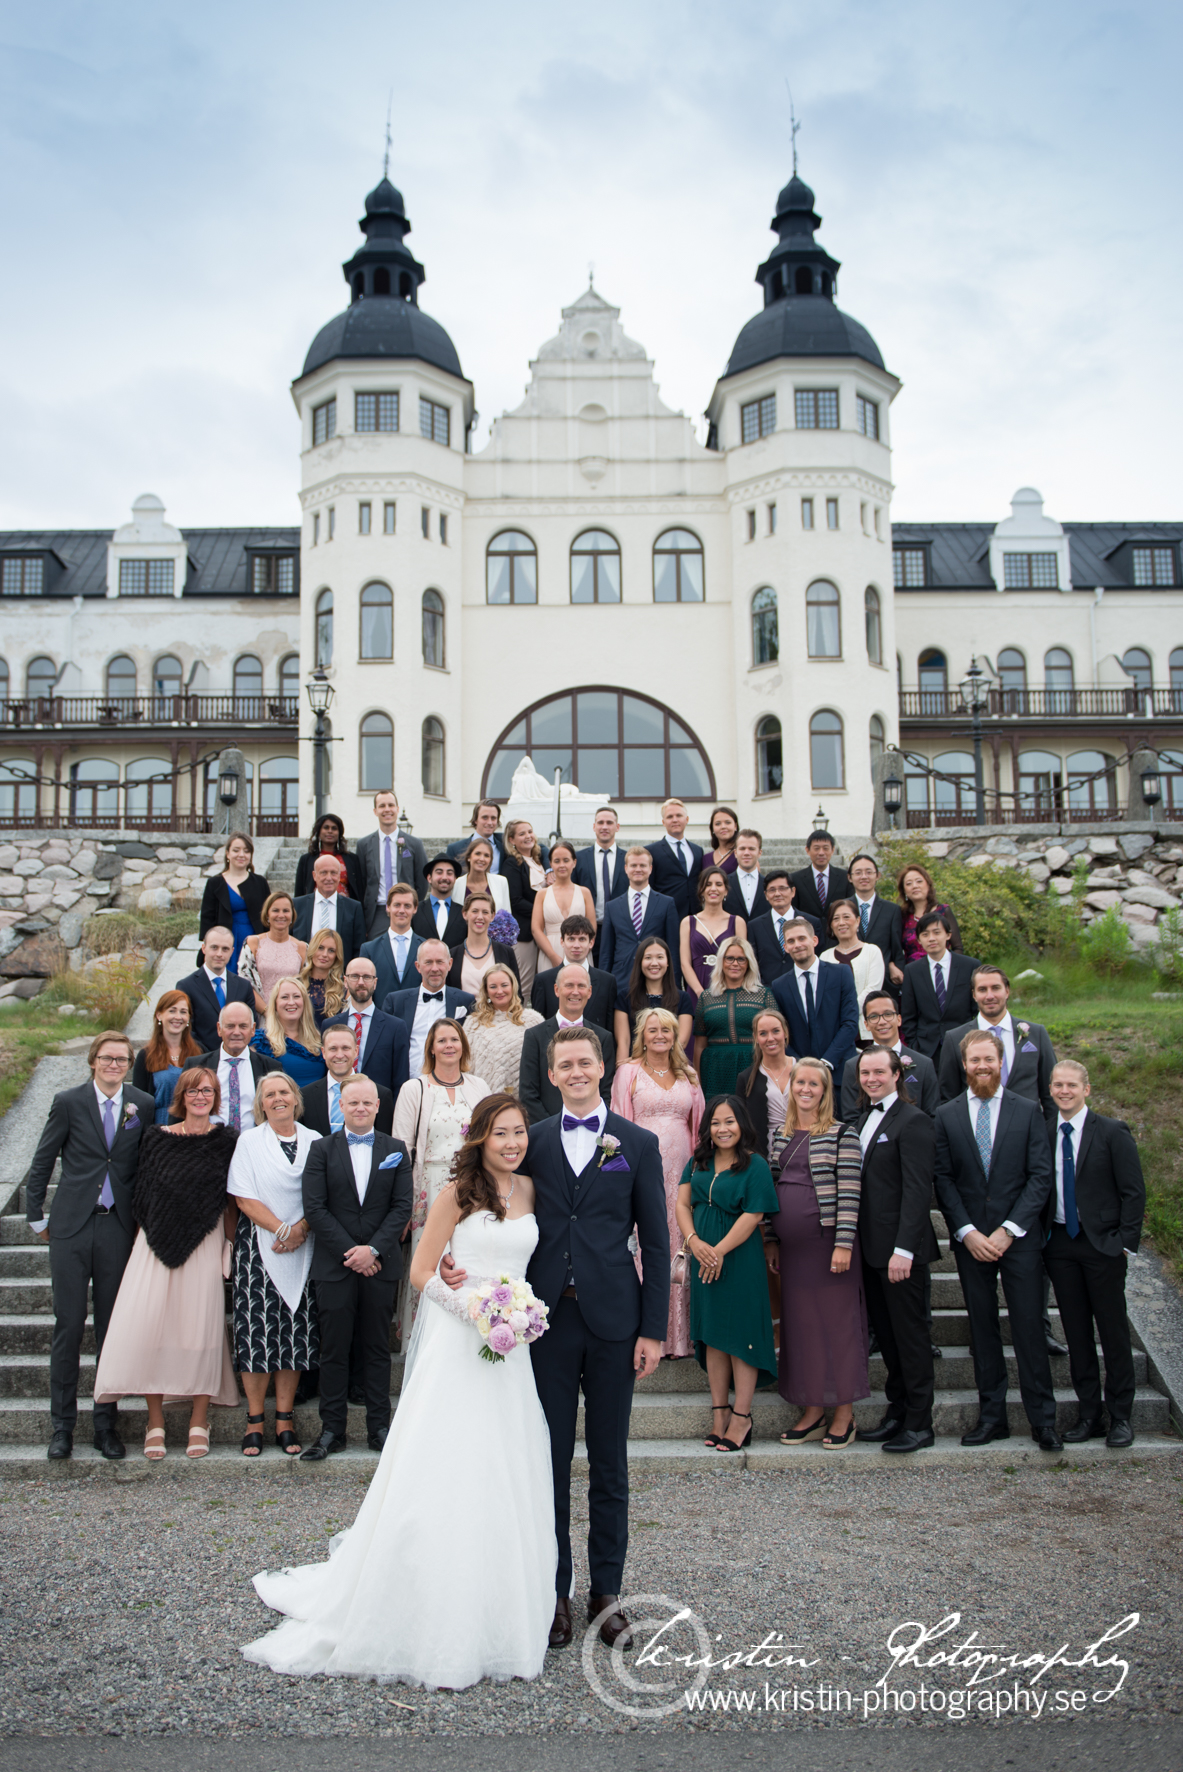 Bröllopsfotograf i Eskilstuna, Kristin - Photography-306.jpg